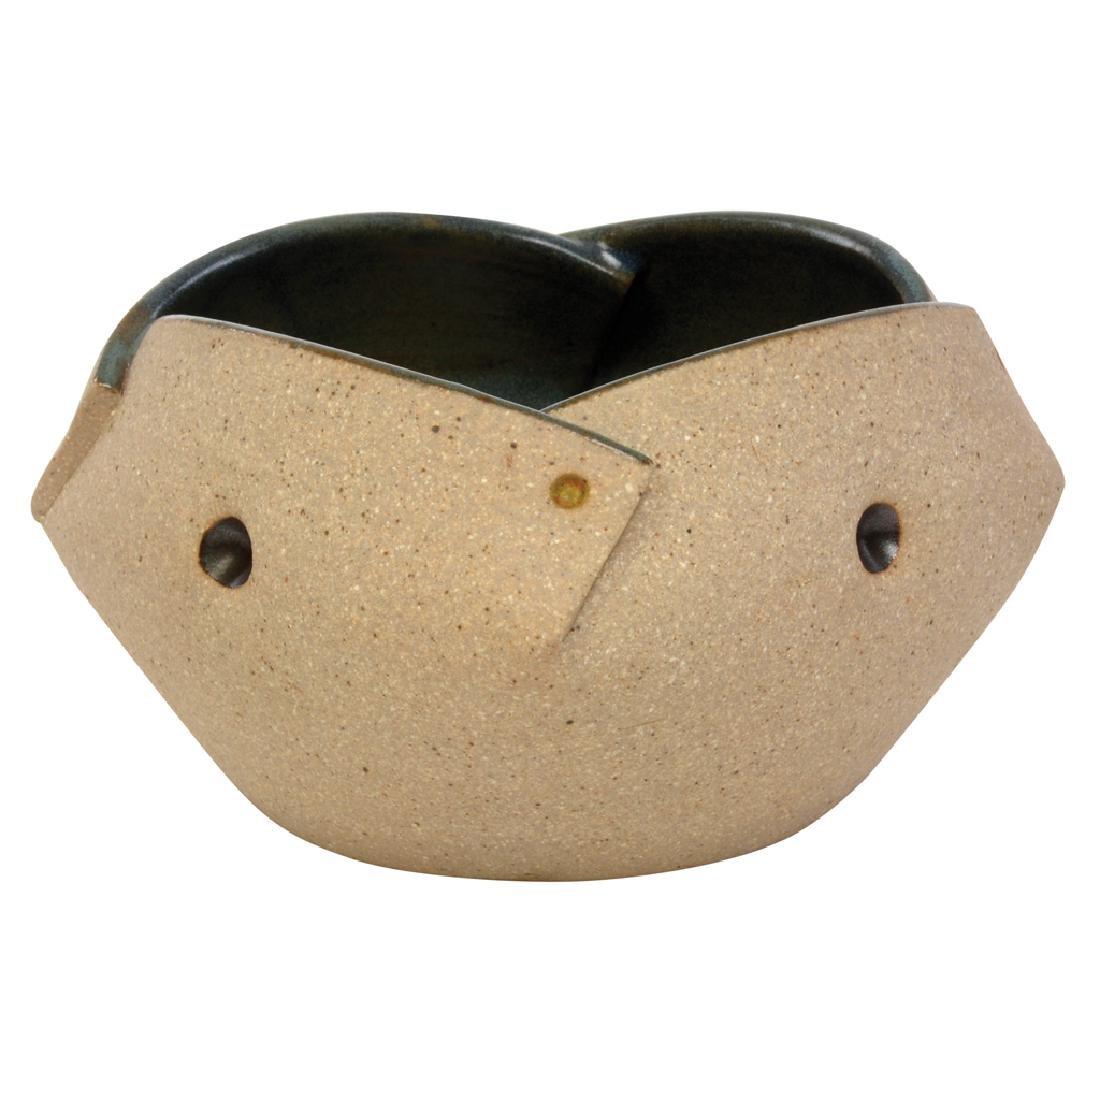 Gustavo Perez. High temperature ceramic vase with gray